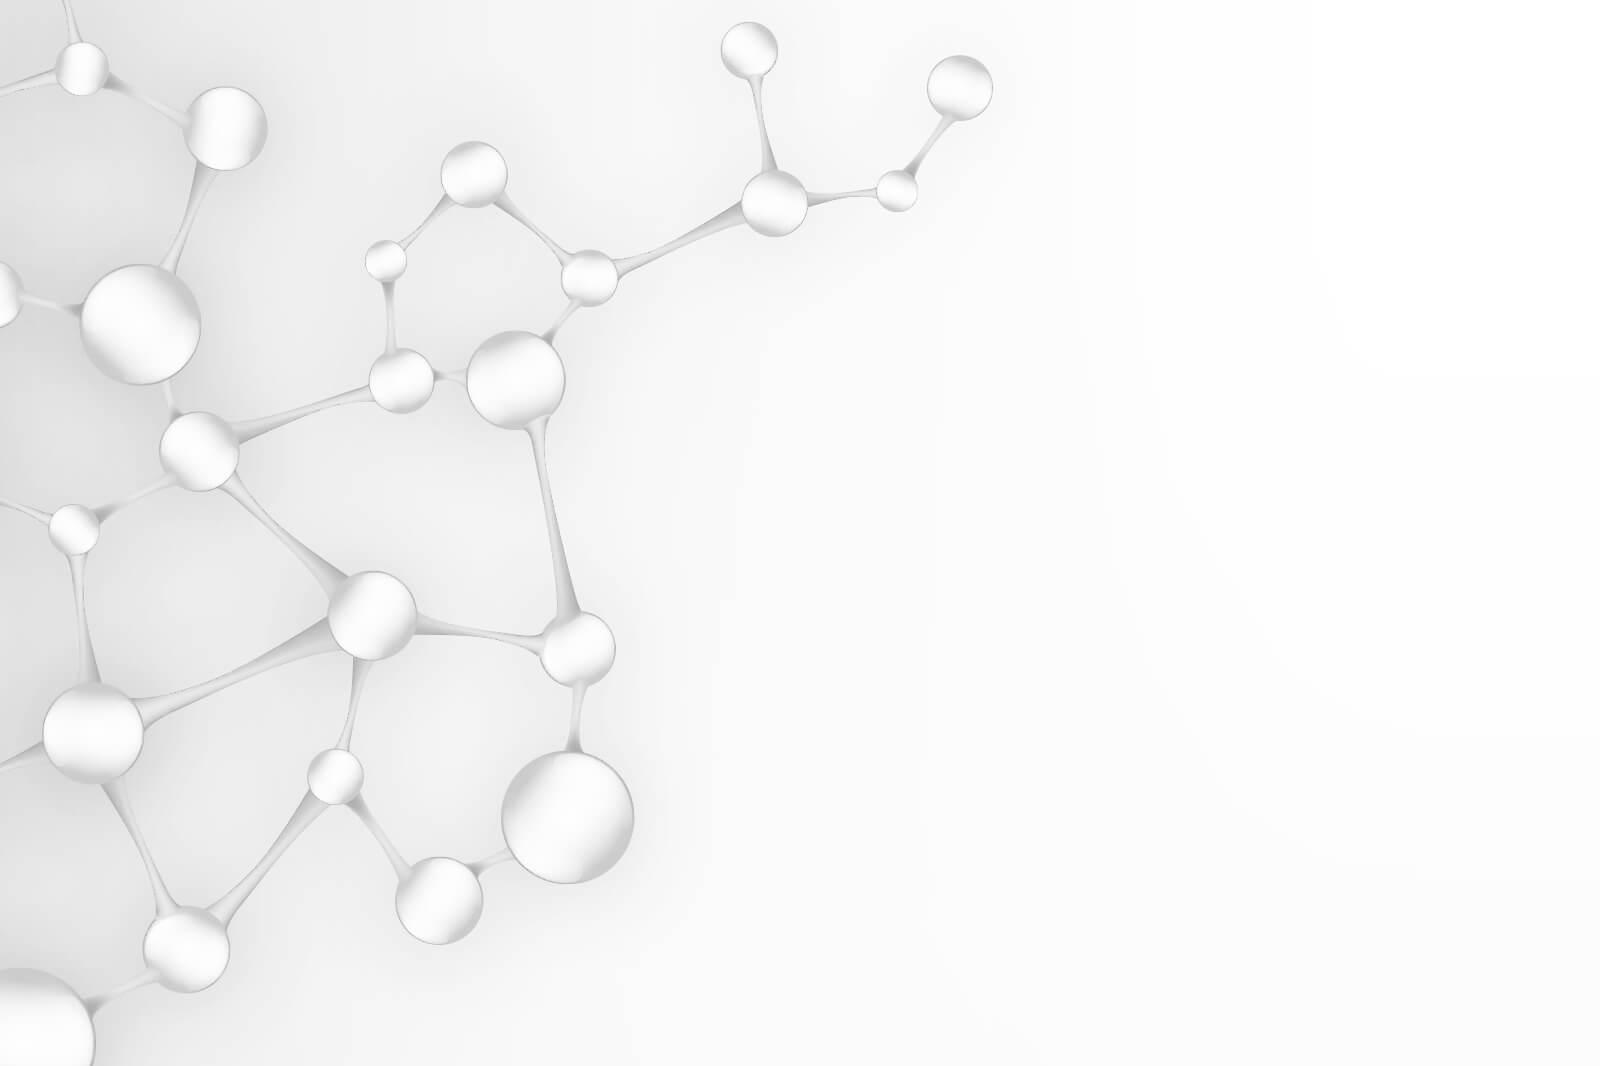 Imagen con un entramado de moléculas